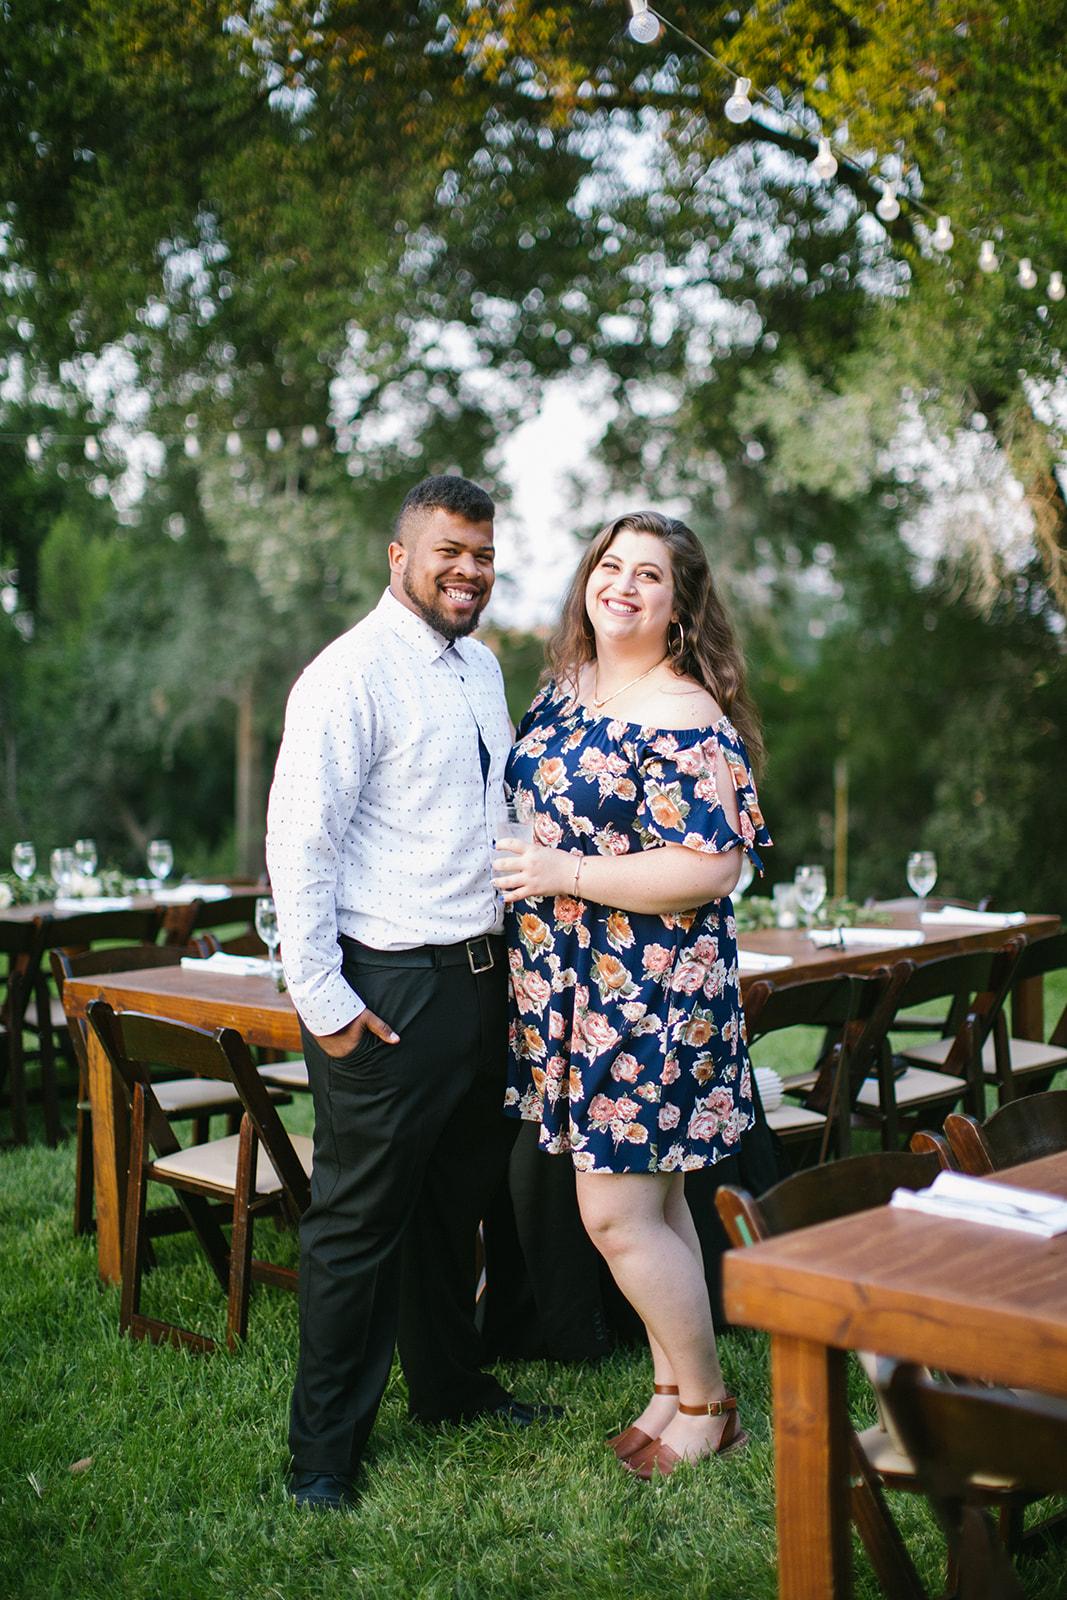 Wedding_Guests_Outdoor